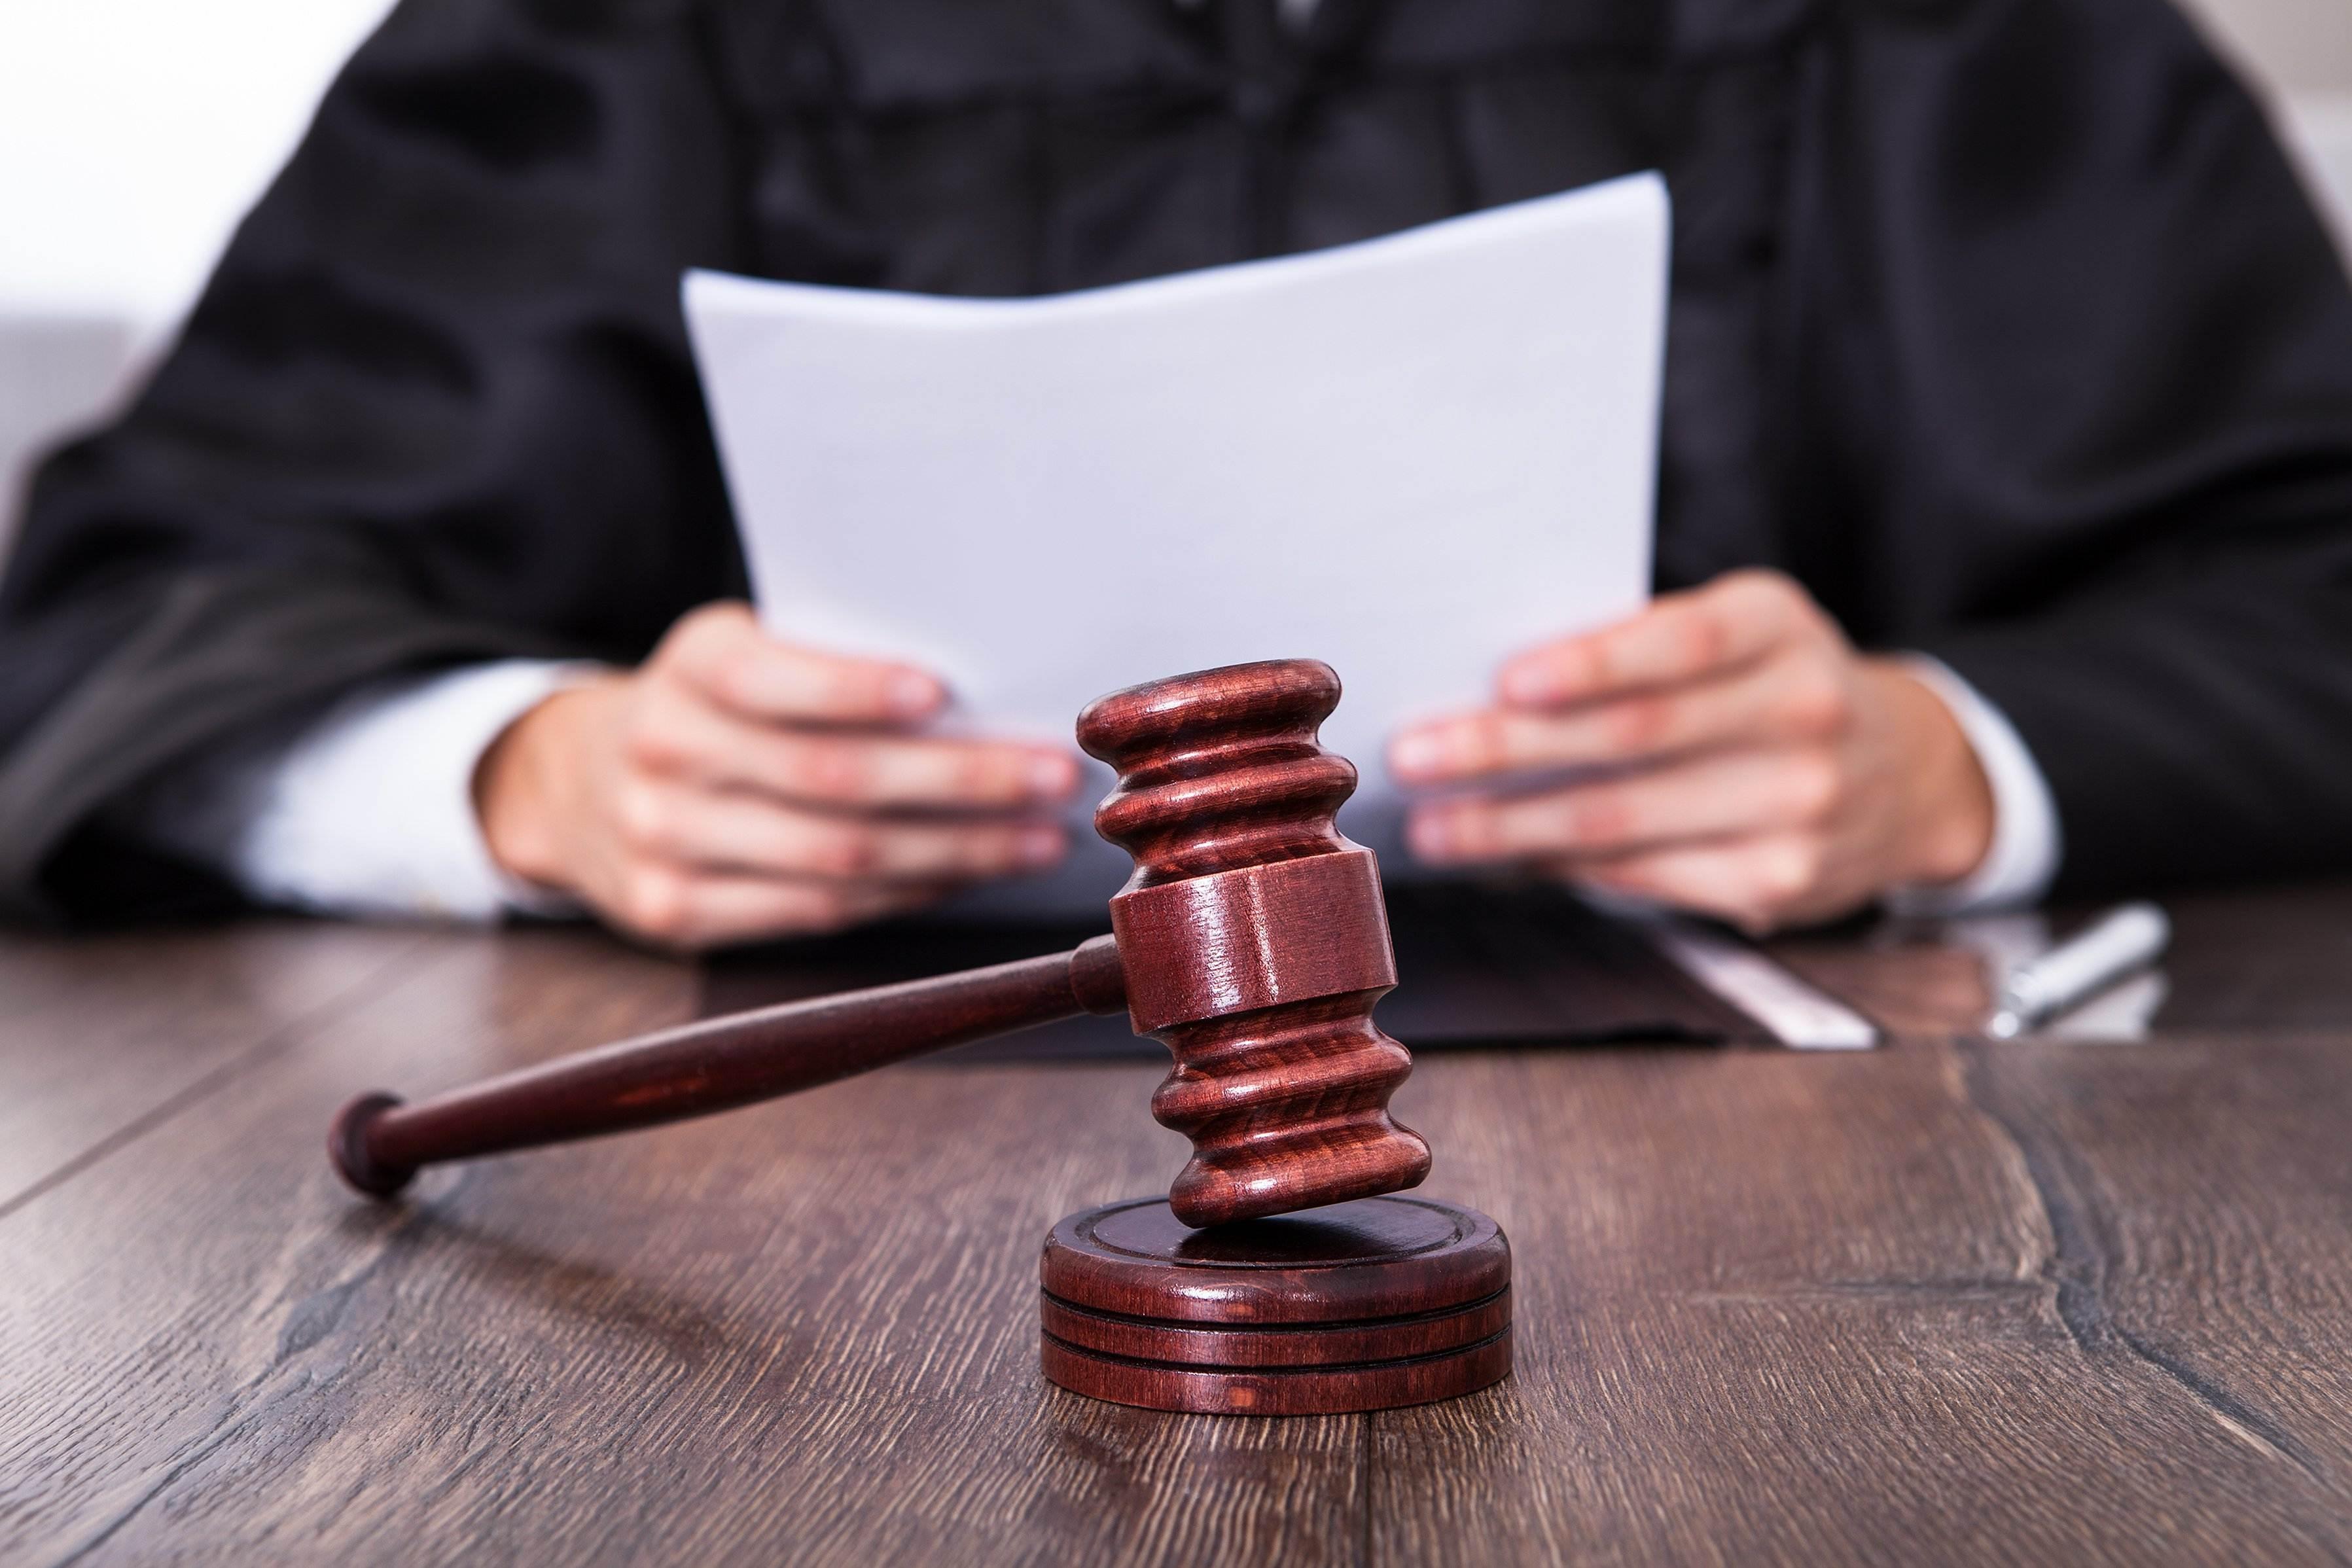 """Juíza considerou que """"o simples fato de a pessoa ter antecedentes criminais, por si só, não impede a aplicação do princípio da insignificância""""   Foto: Ilustrativa"""